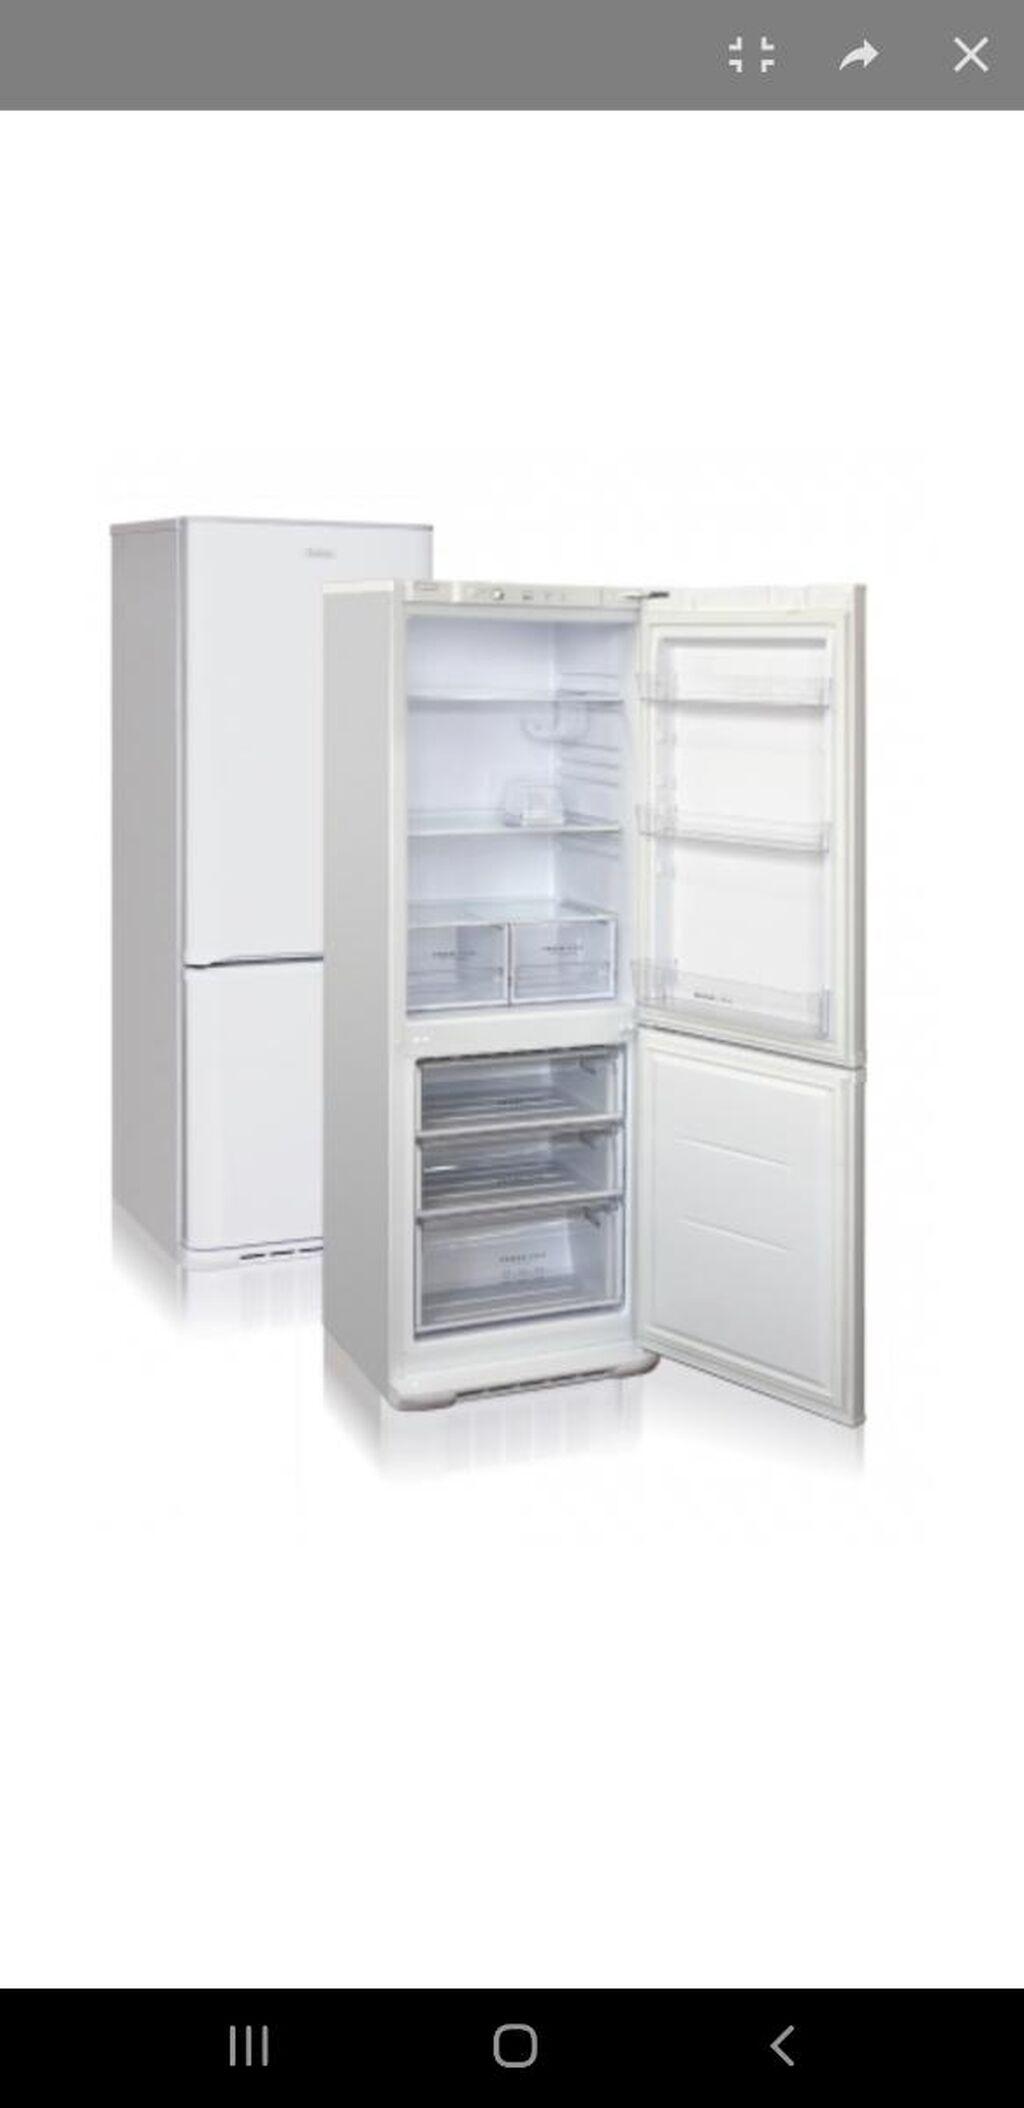 Новый Белый холодильник: Новый Белый холодильник